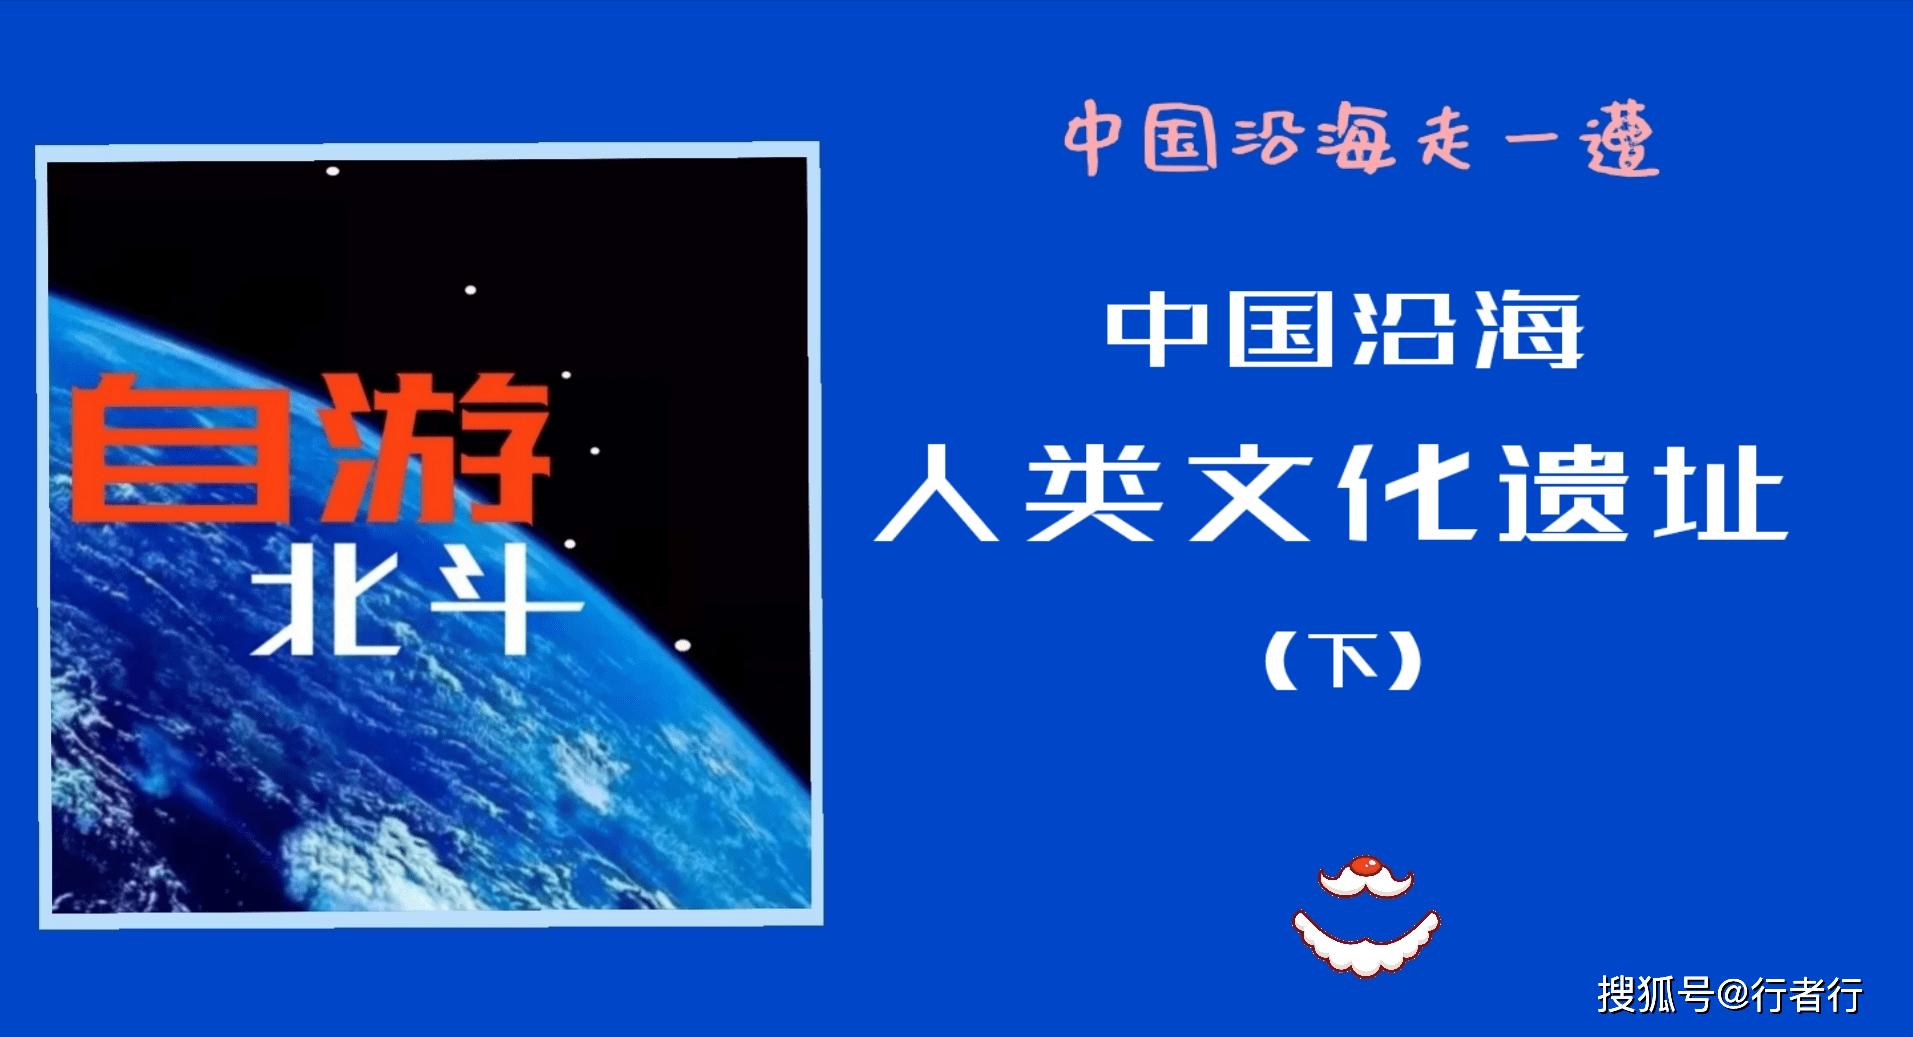 【自助游北斗:中国滨海游14】中国滨海旅游特别